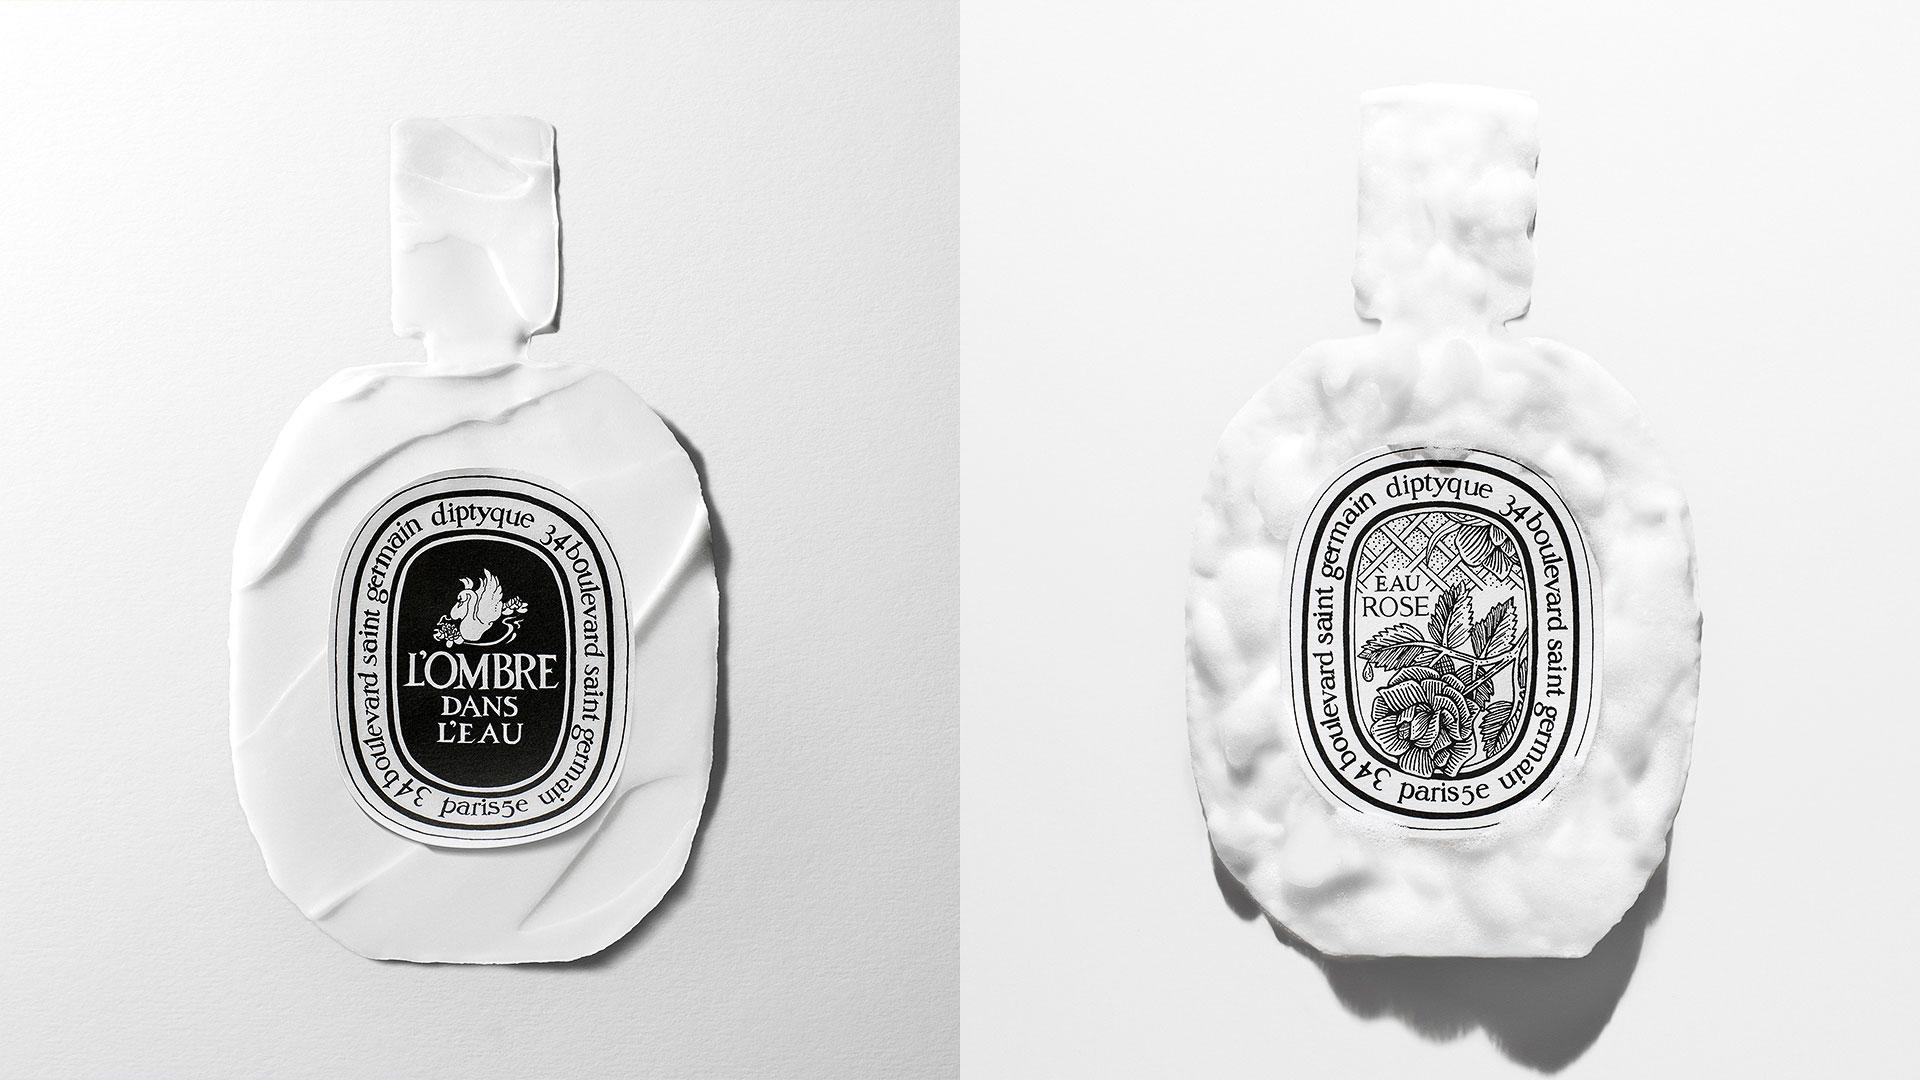 Soins parfumés Diptyque Paris